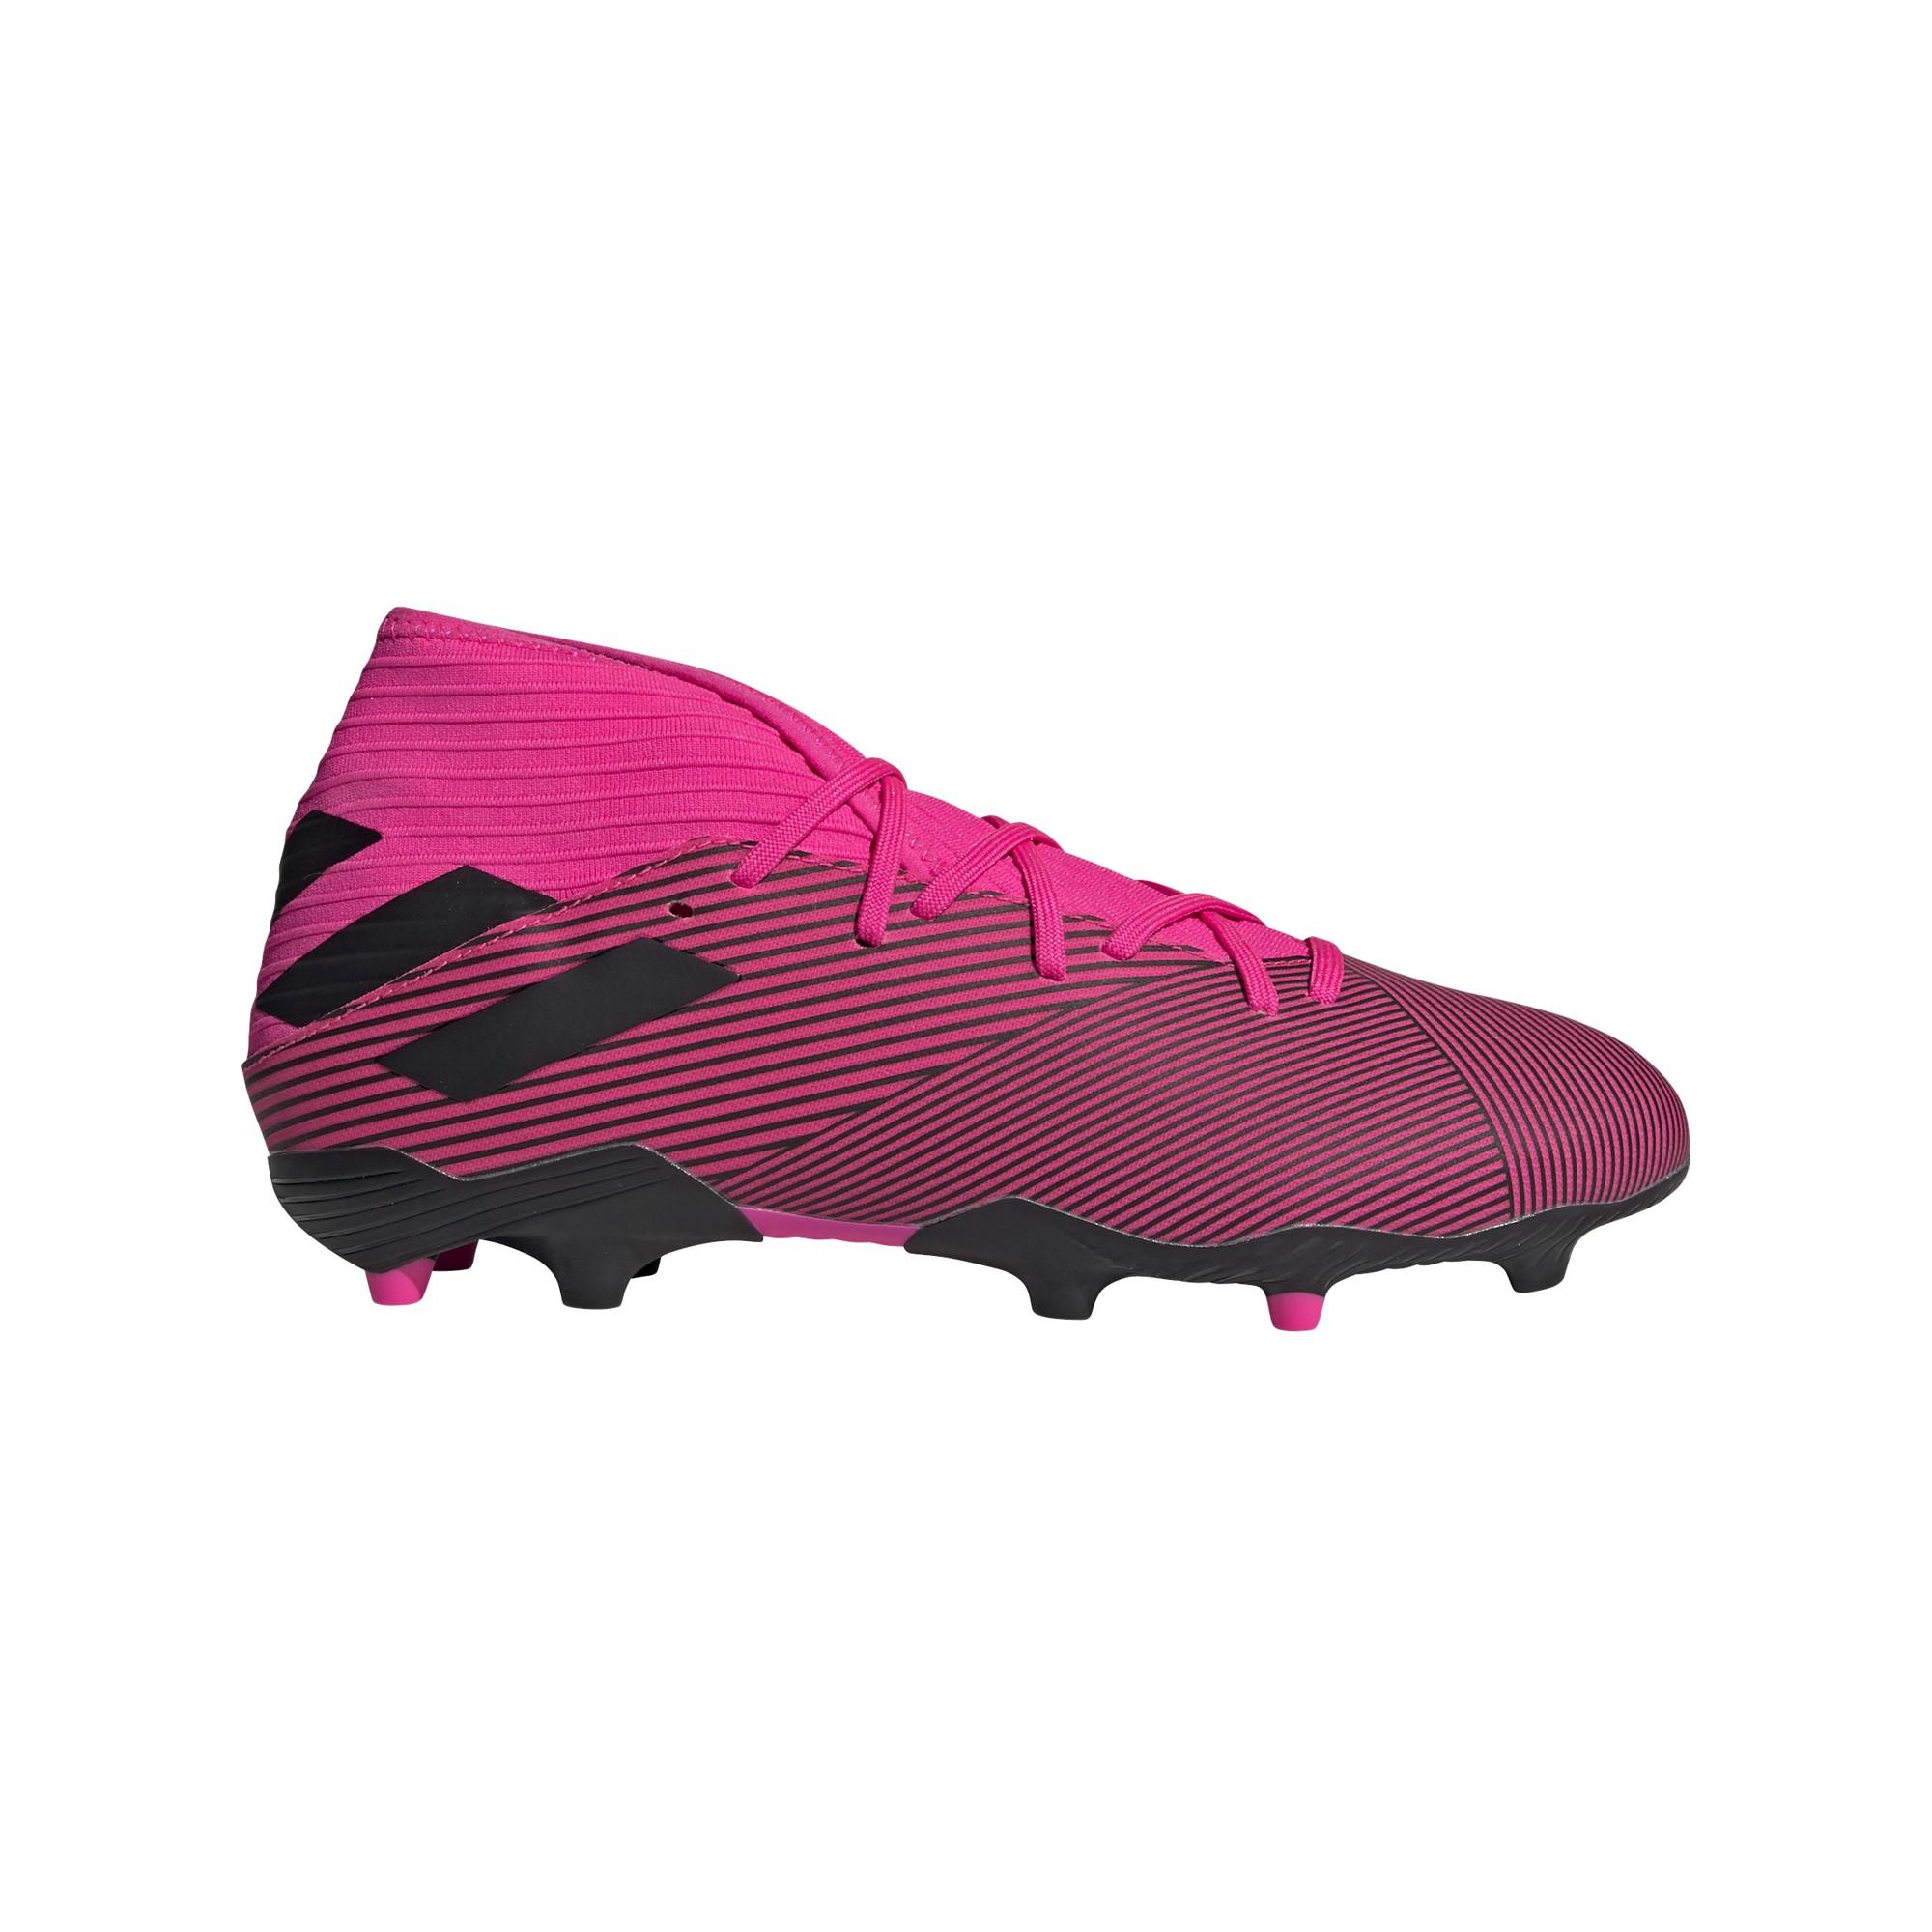 calcio ADIDAS scarpe da calcio nemeziz 19.3 fg rosa nero uomo f3438